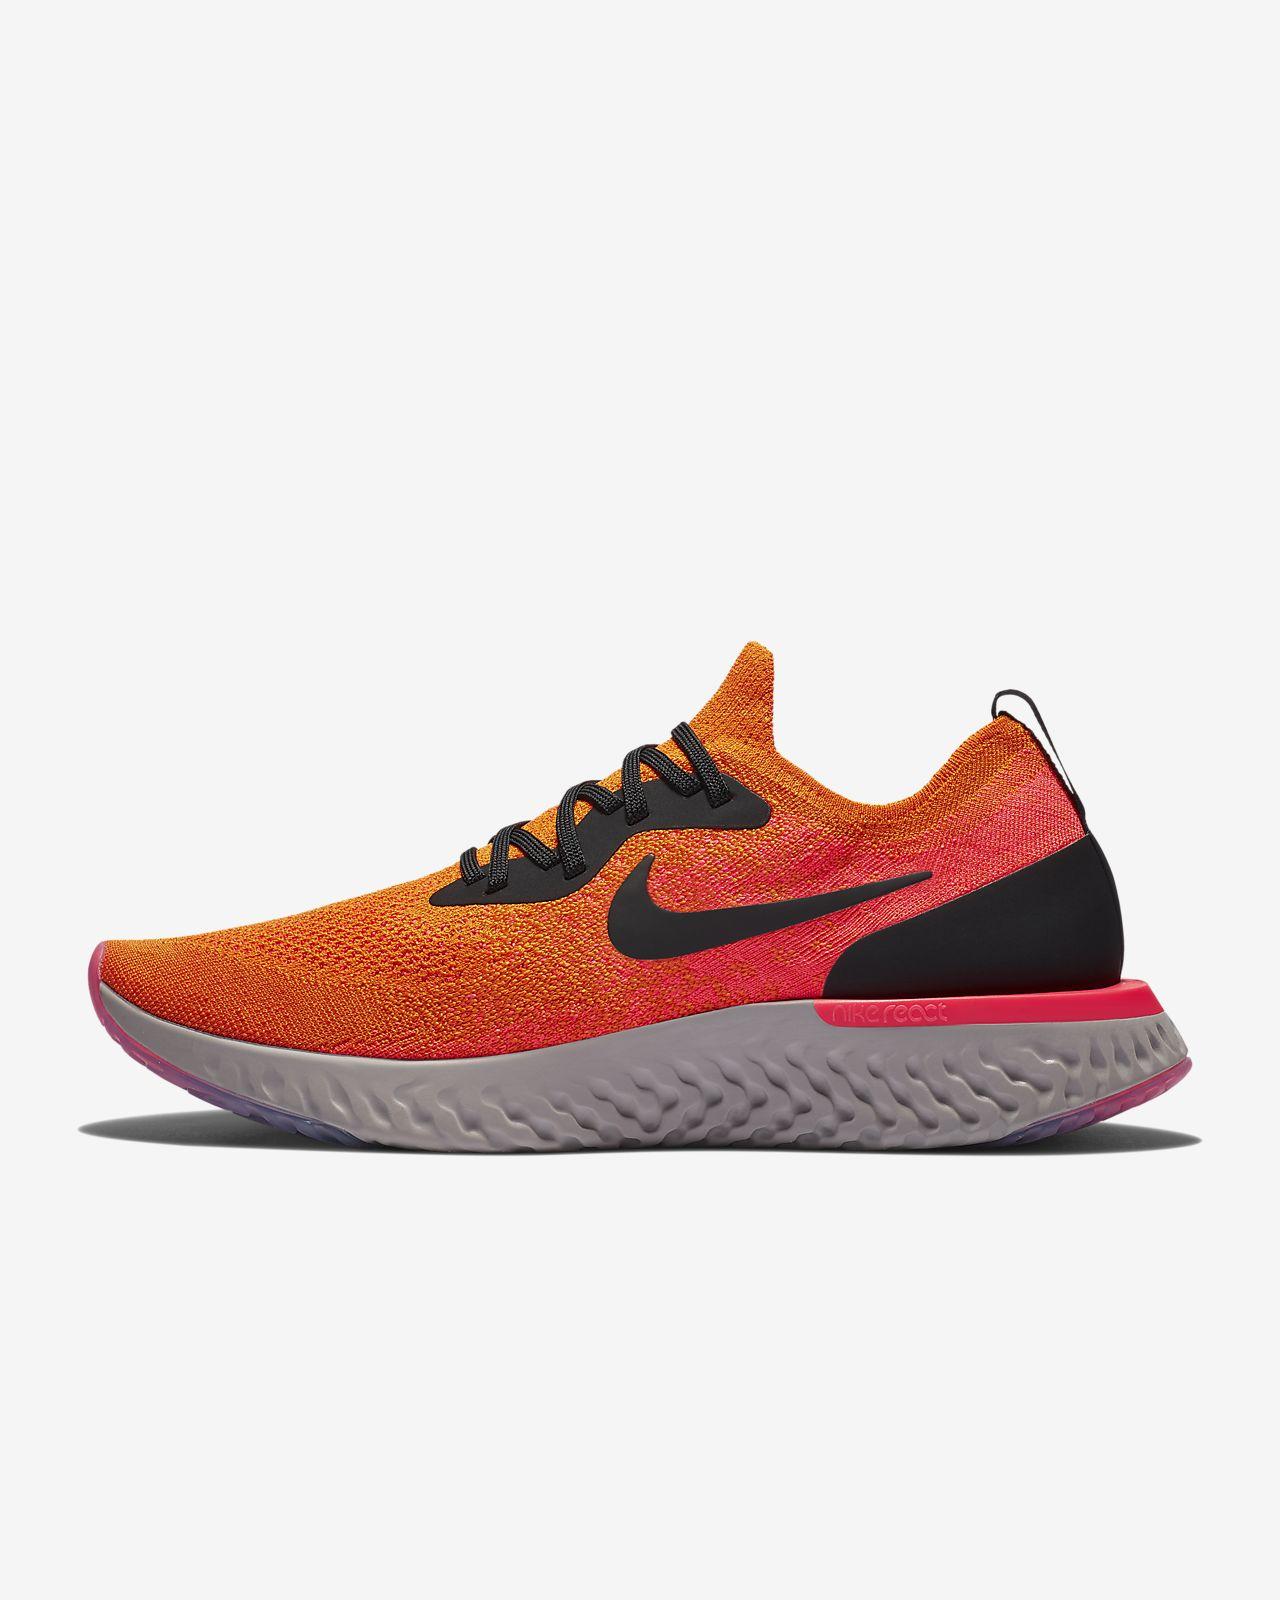 c64bde7d1b93 Nike Epic React Flyknit 1 Men s Running Shoe. Nike.com